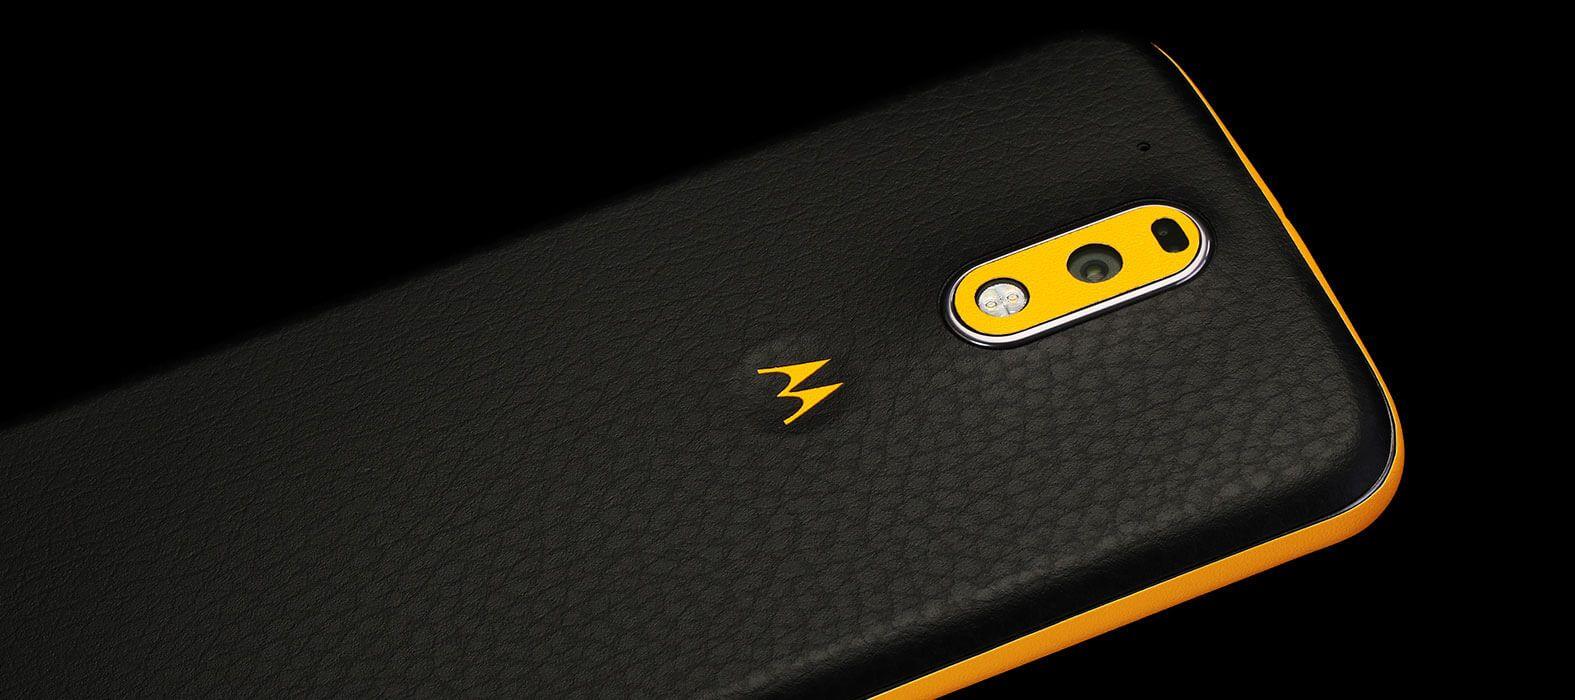 Motorola Moto G4 Plus Skins